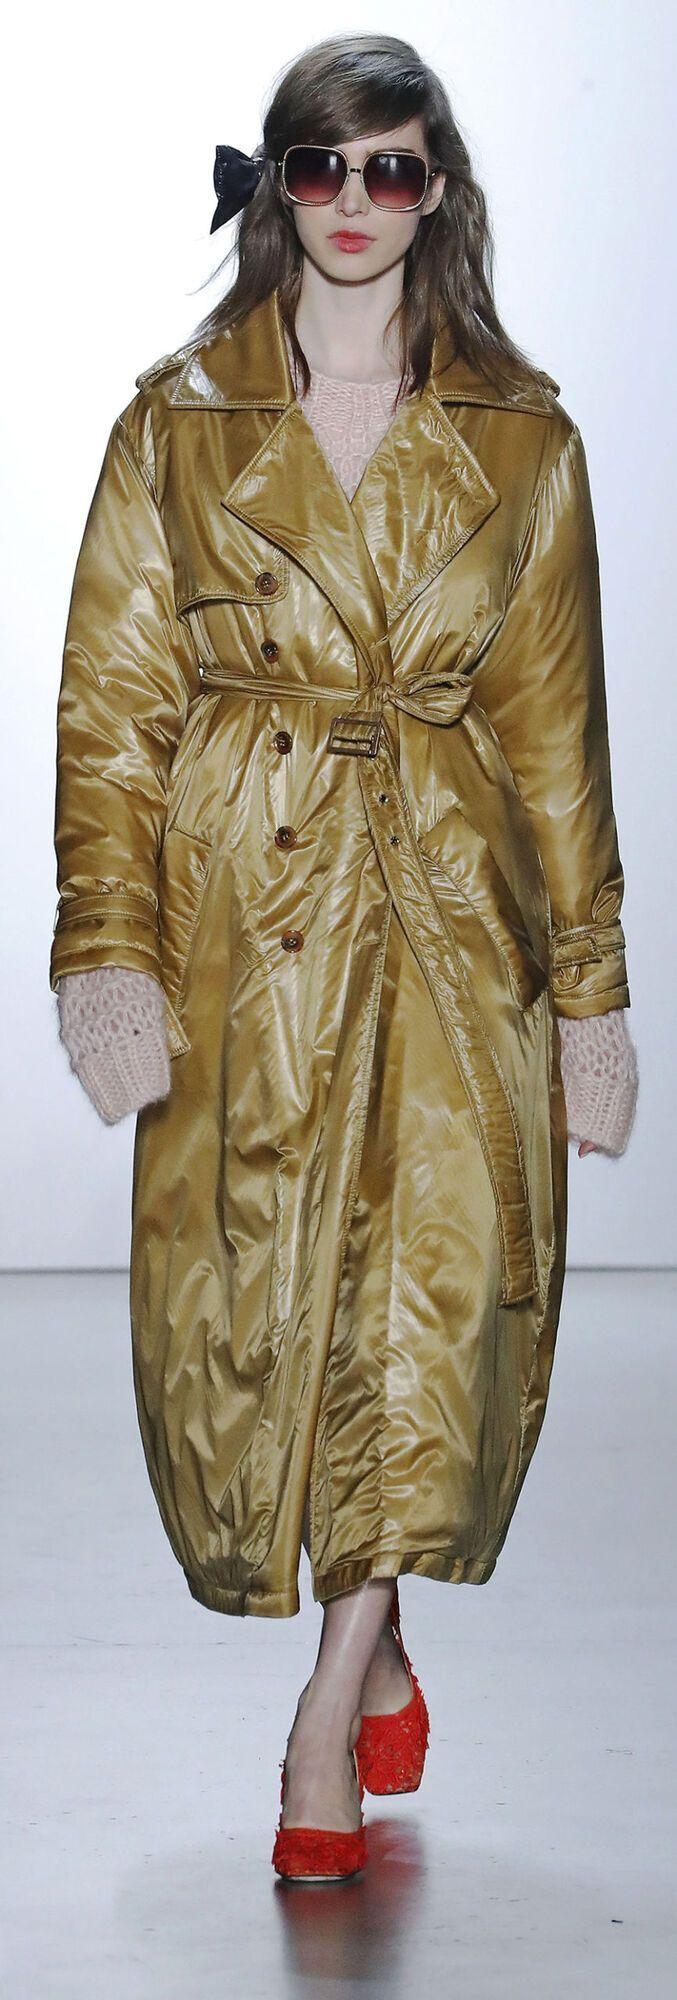 Пуховое пальто-халат